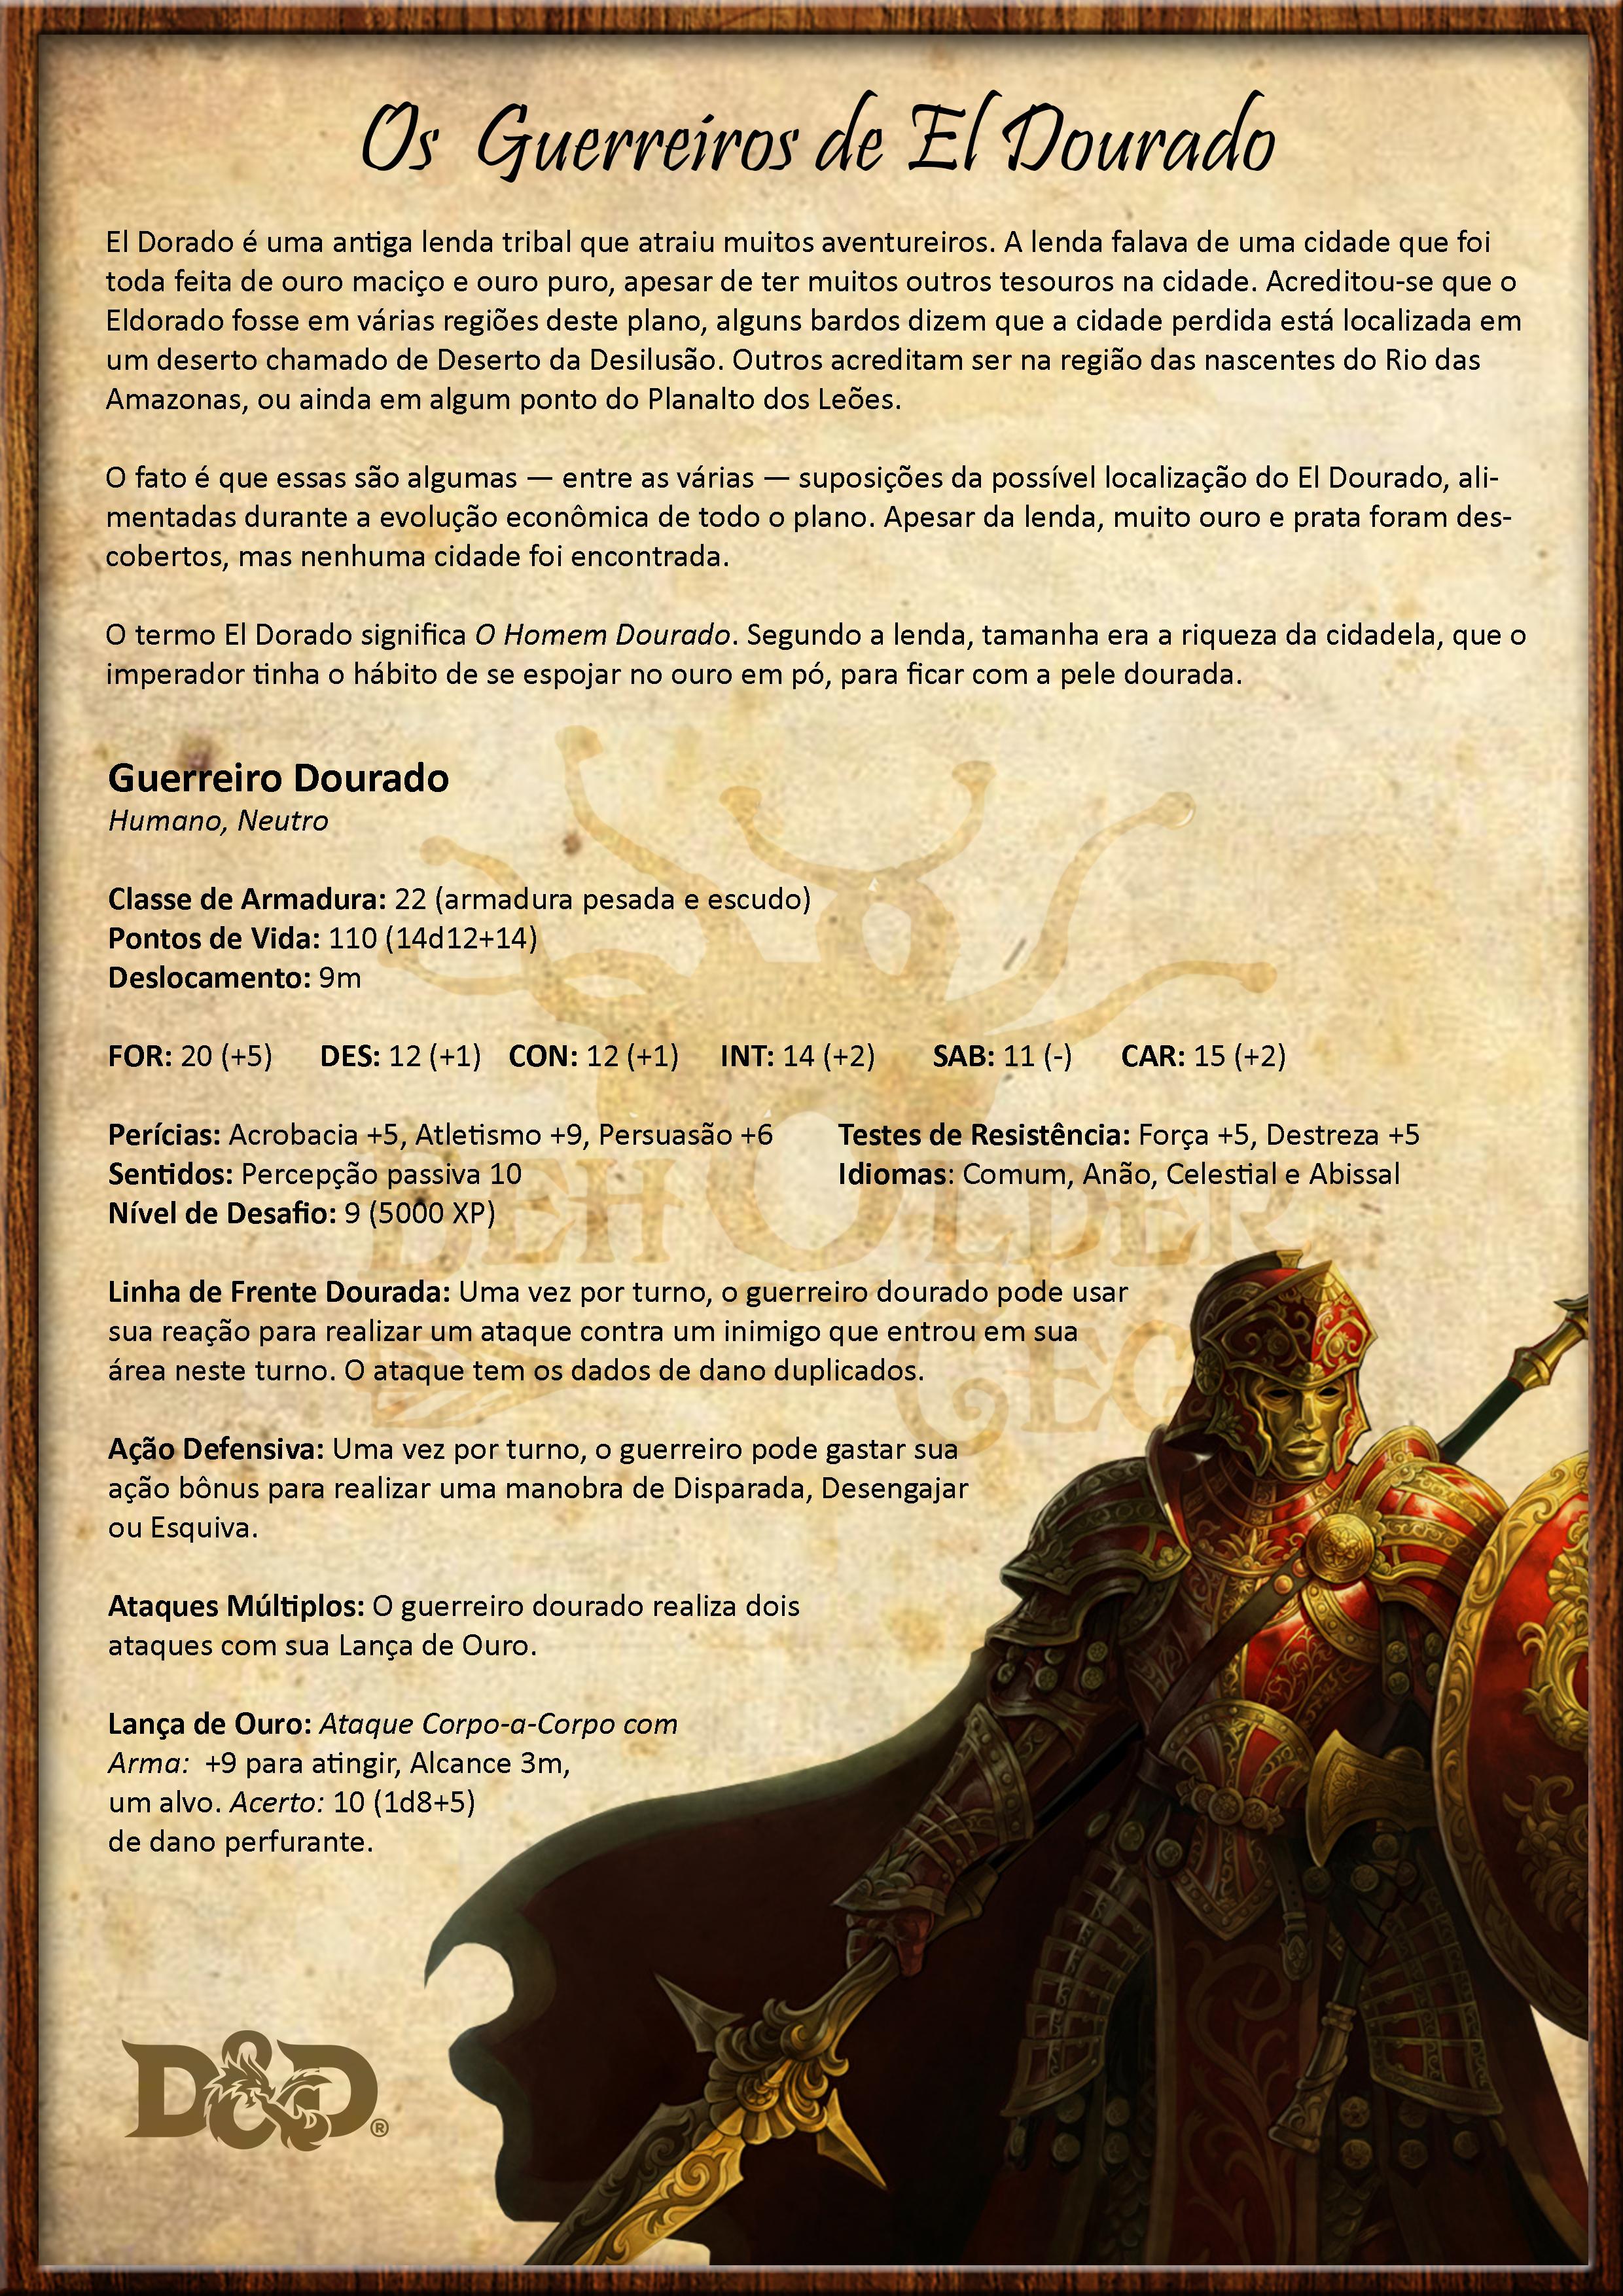 Descrição dos Guerreiros de El Dourado